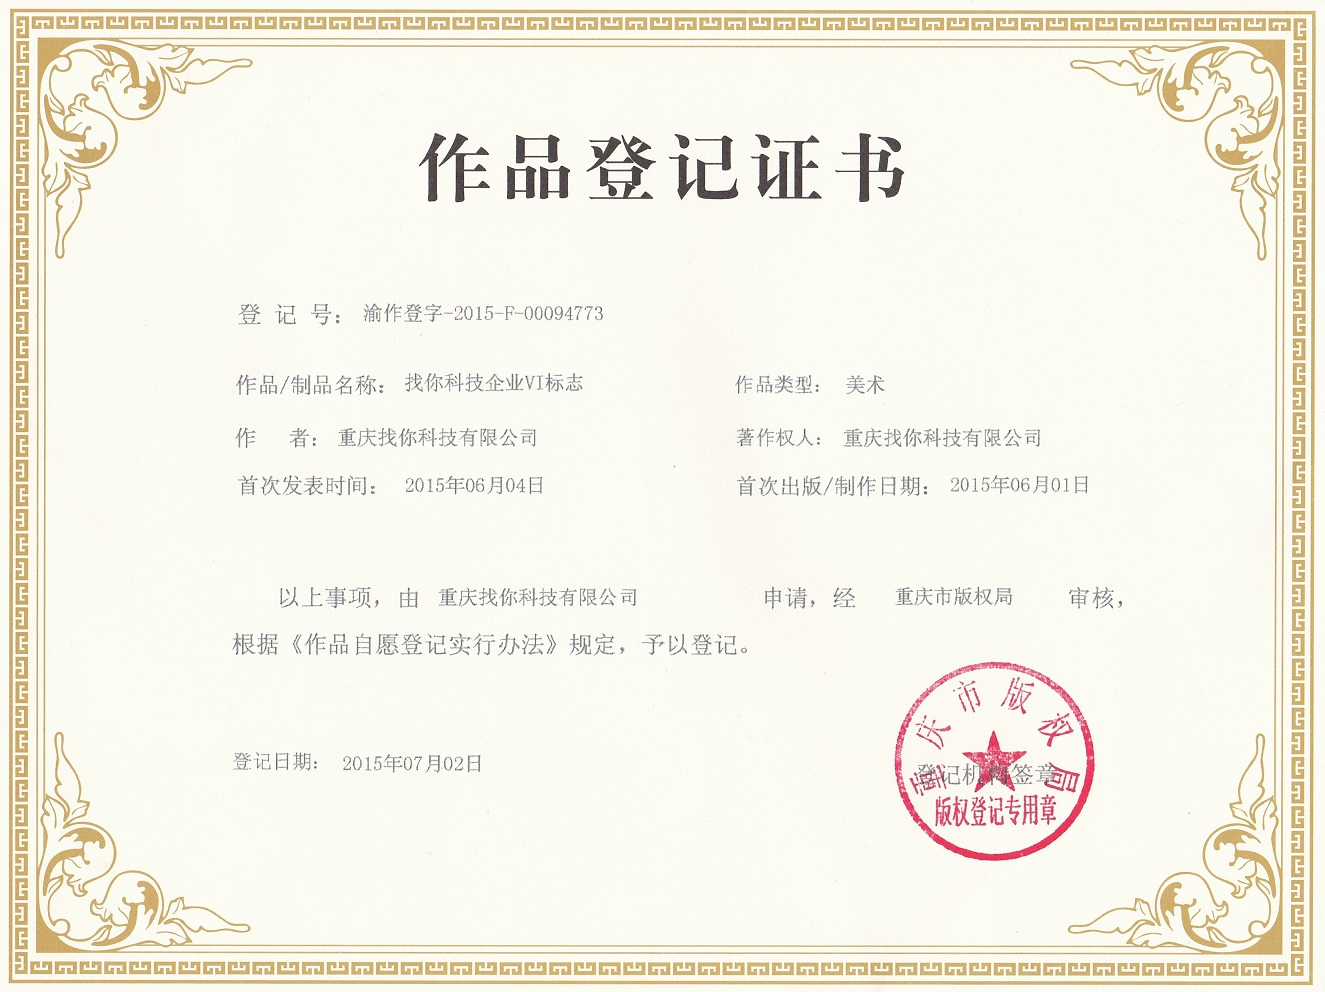 版权作品登记证书